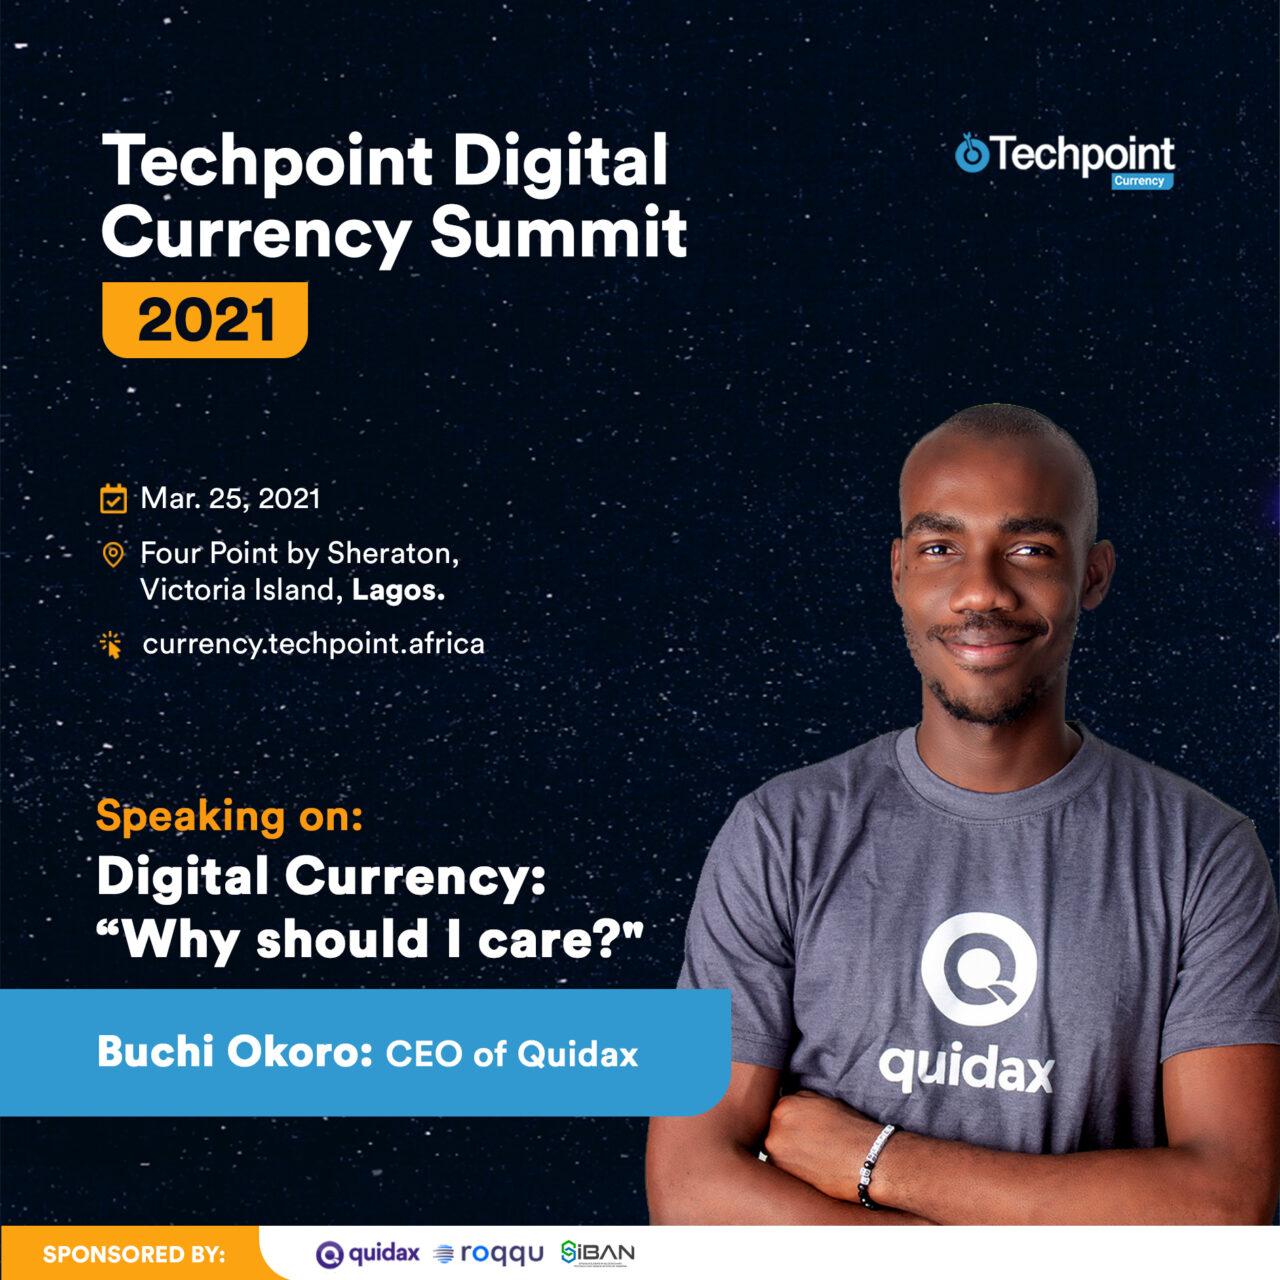 TDCS Speaker Okoro IG Feed